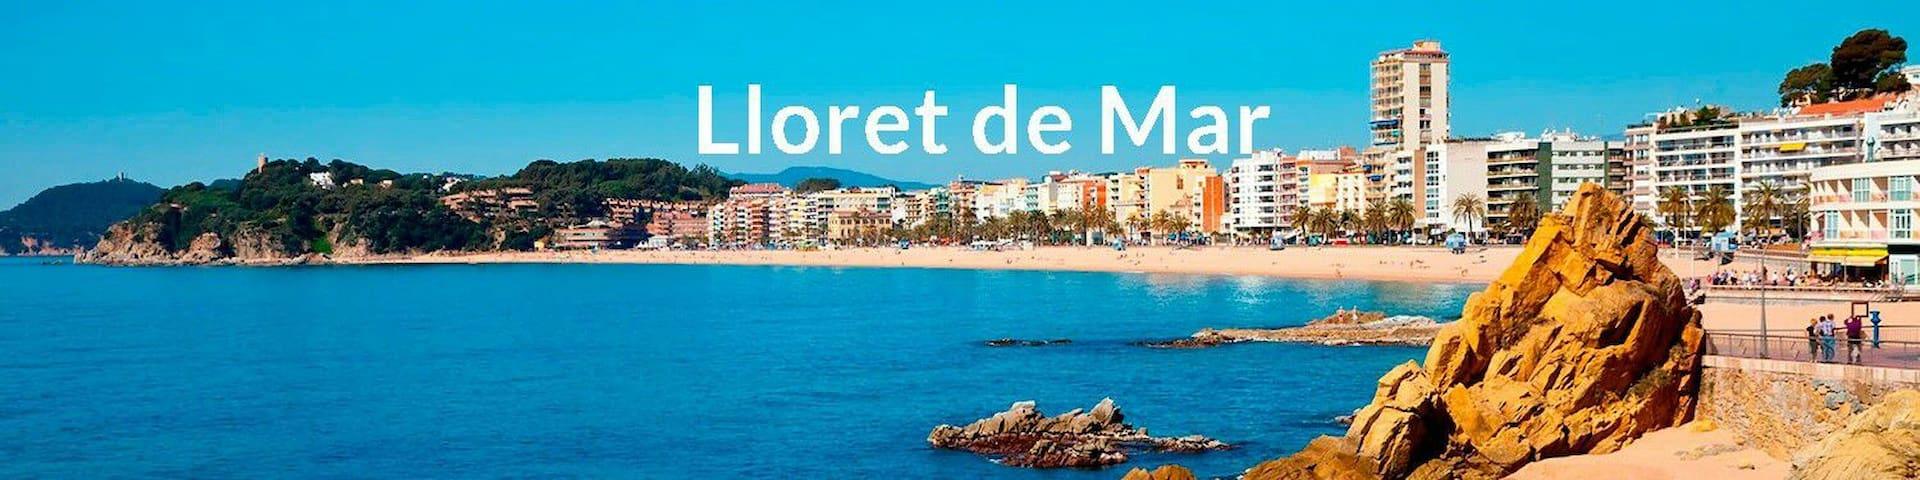 Apartamento en la Playa - Lloret de Mar - Apto. en complejo residencial